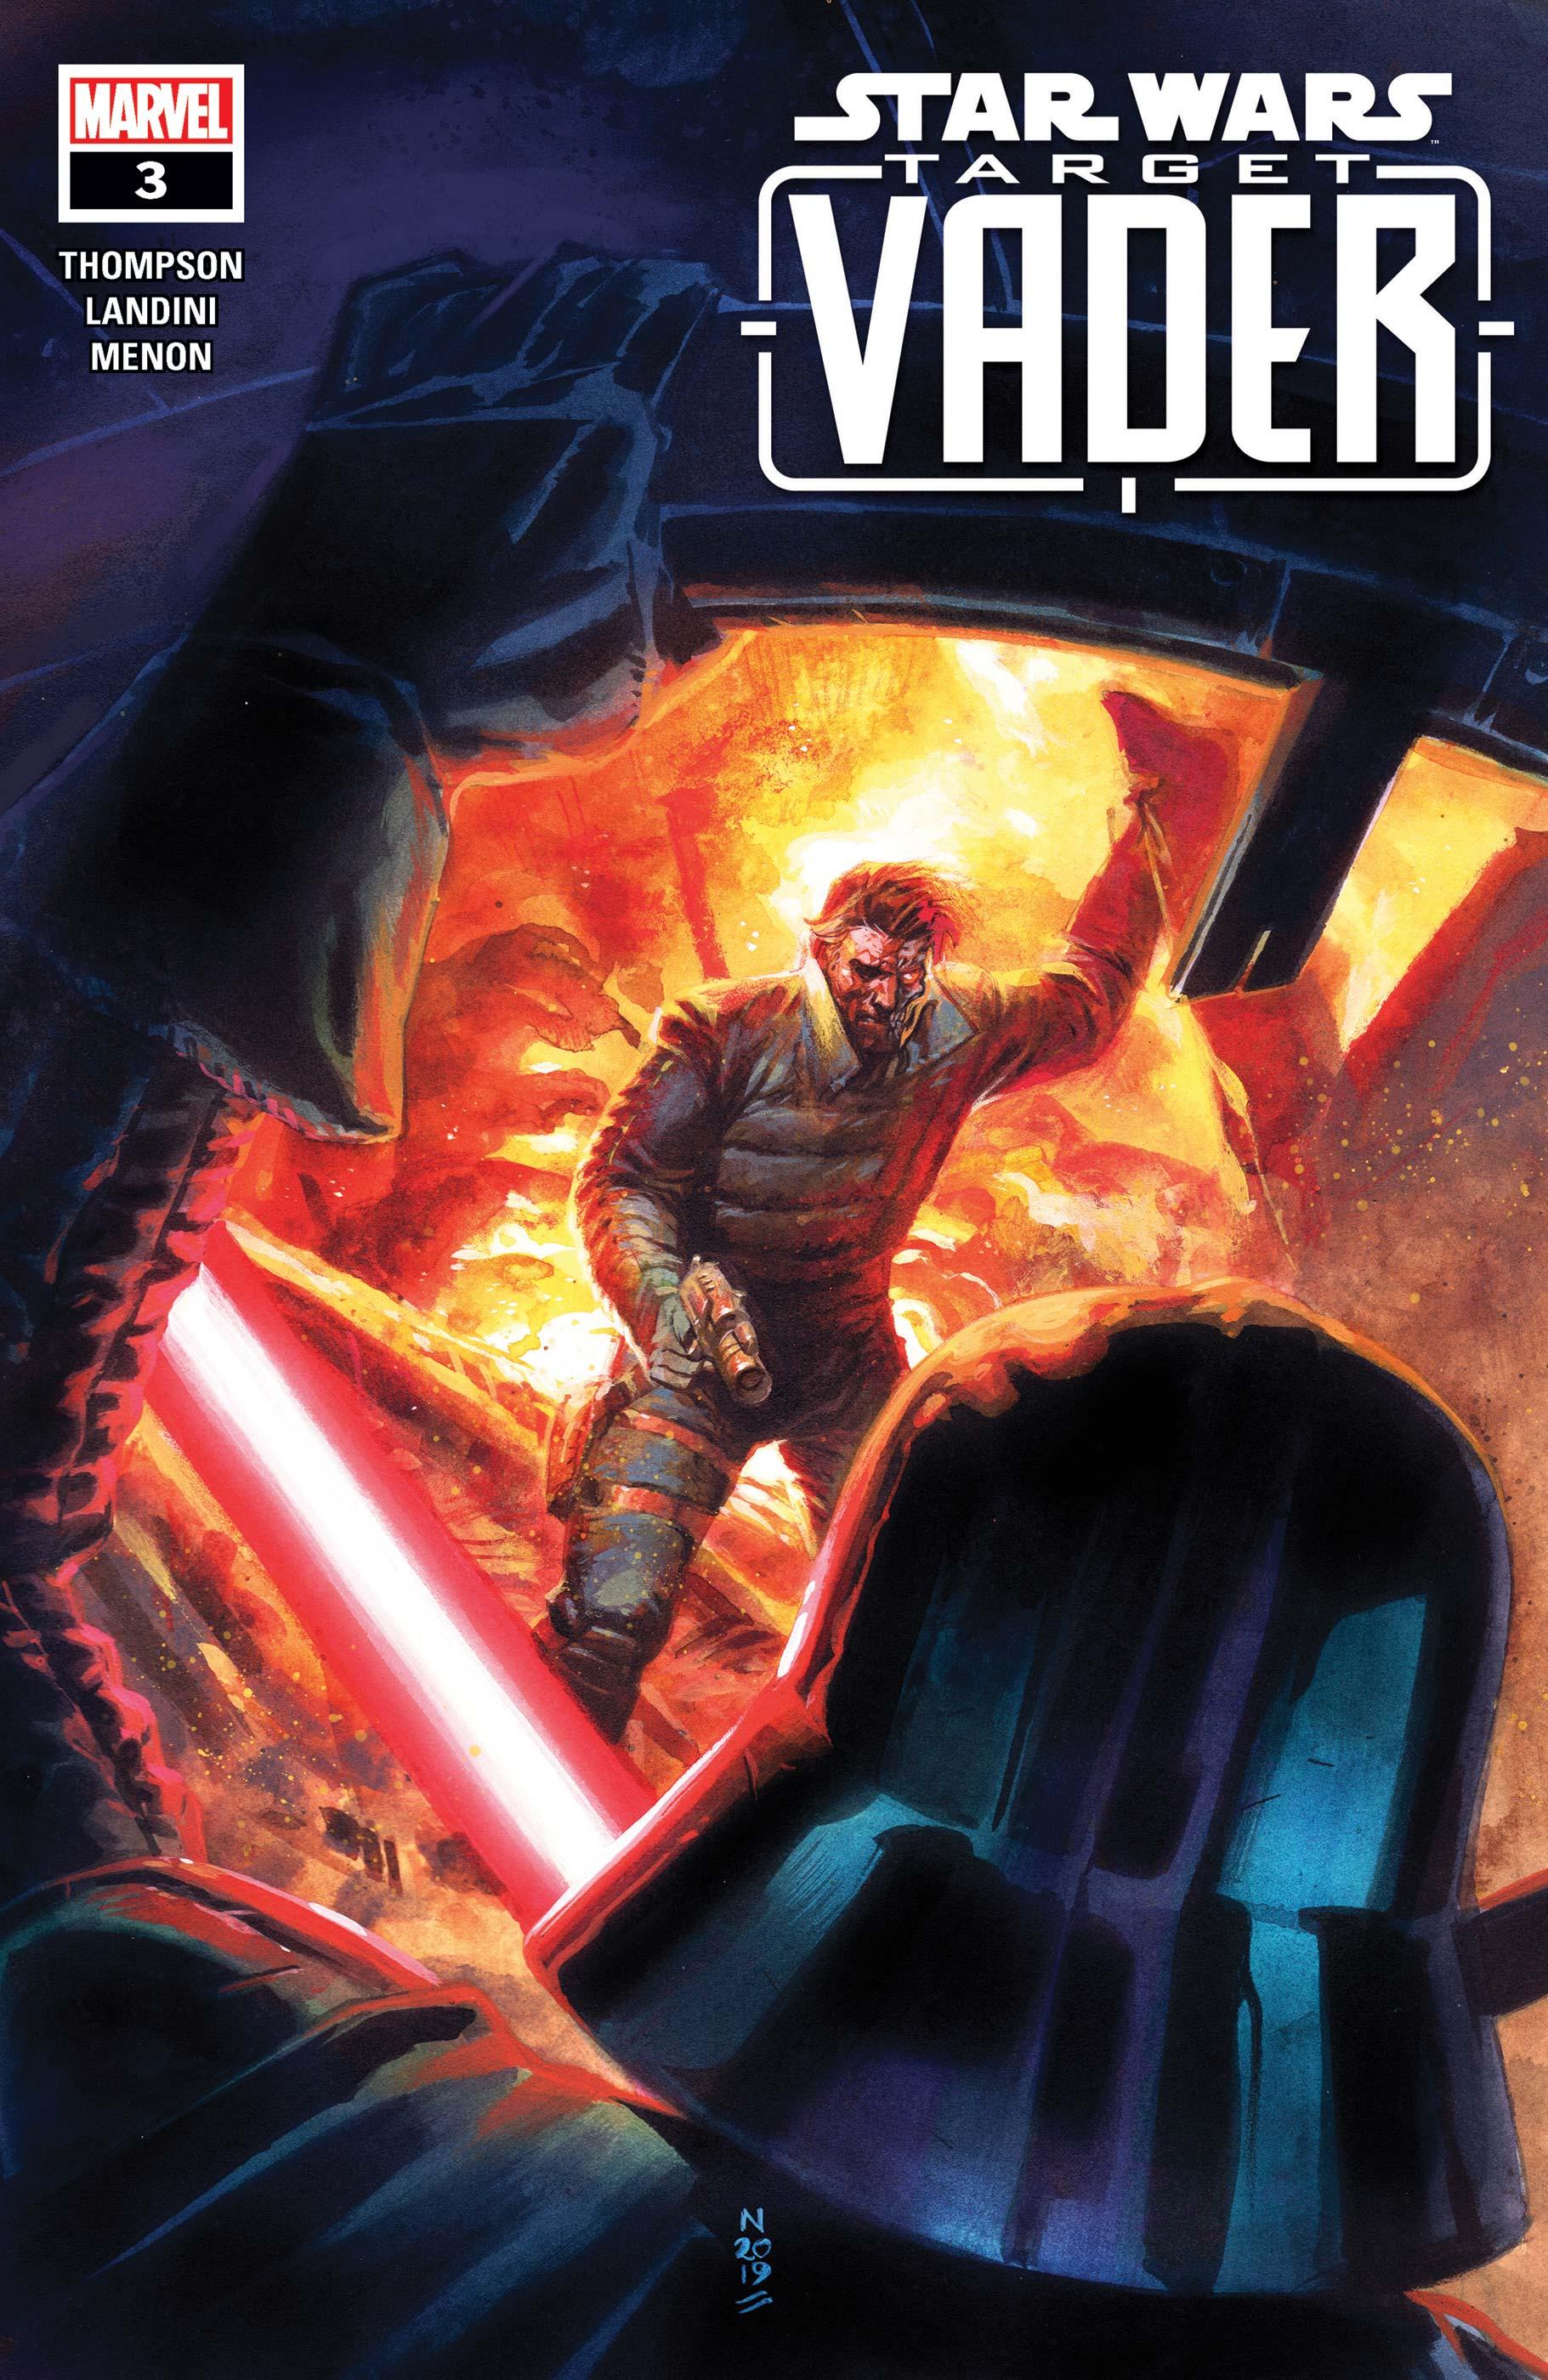 Star Wars: Target Vader Vol 1 3